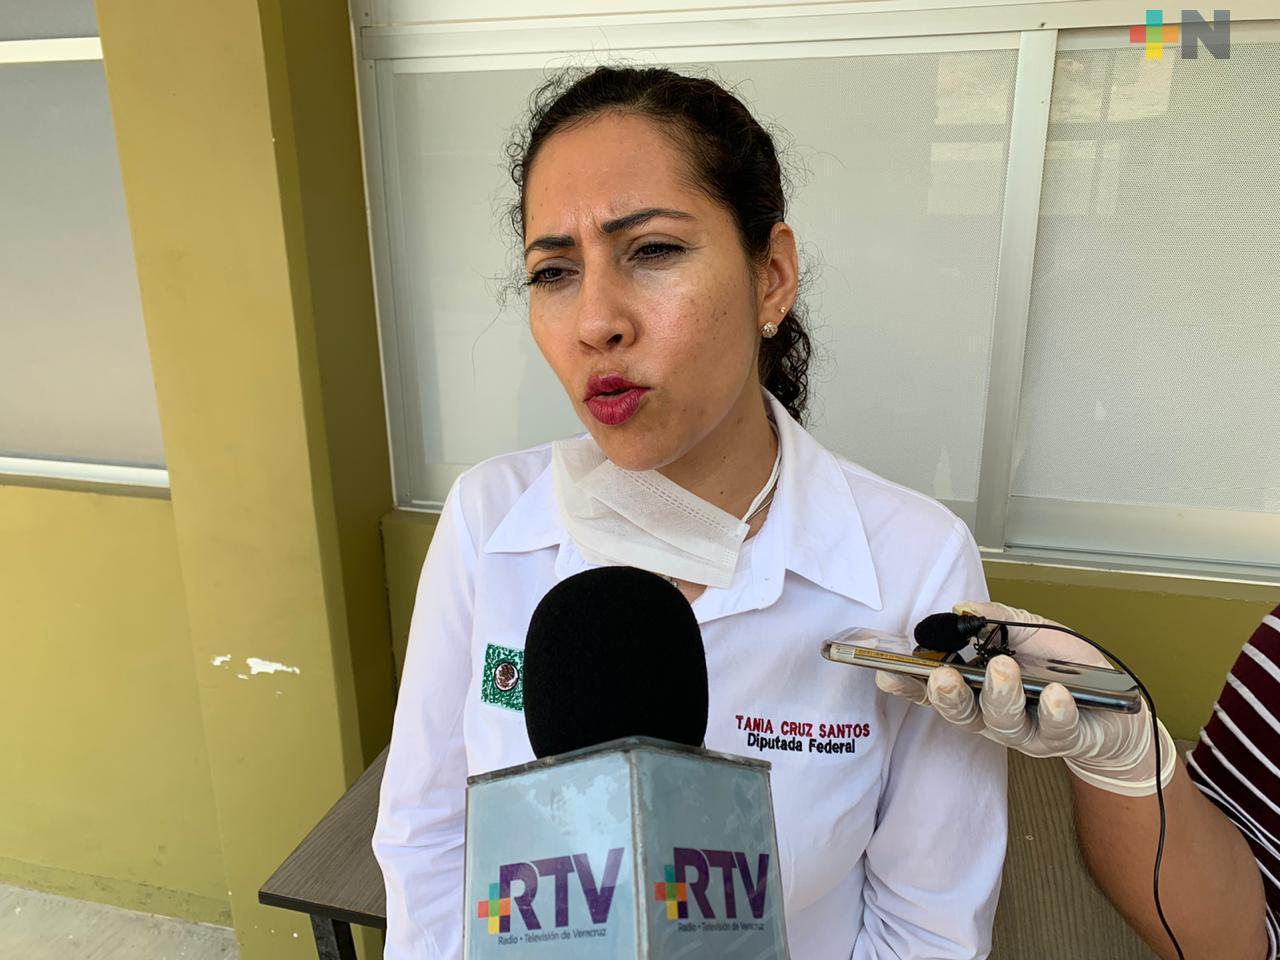 Cada legislador decidirá donar o no parte de su salario: Tania Cruz